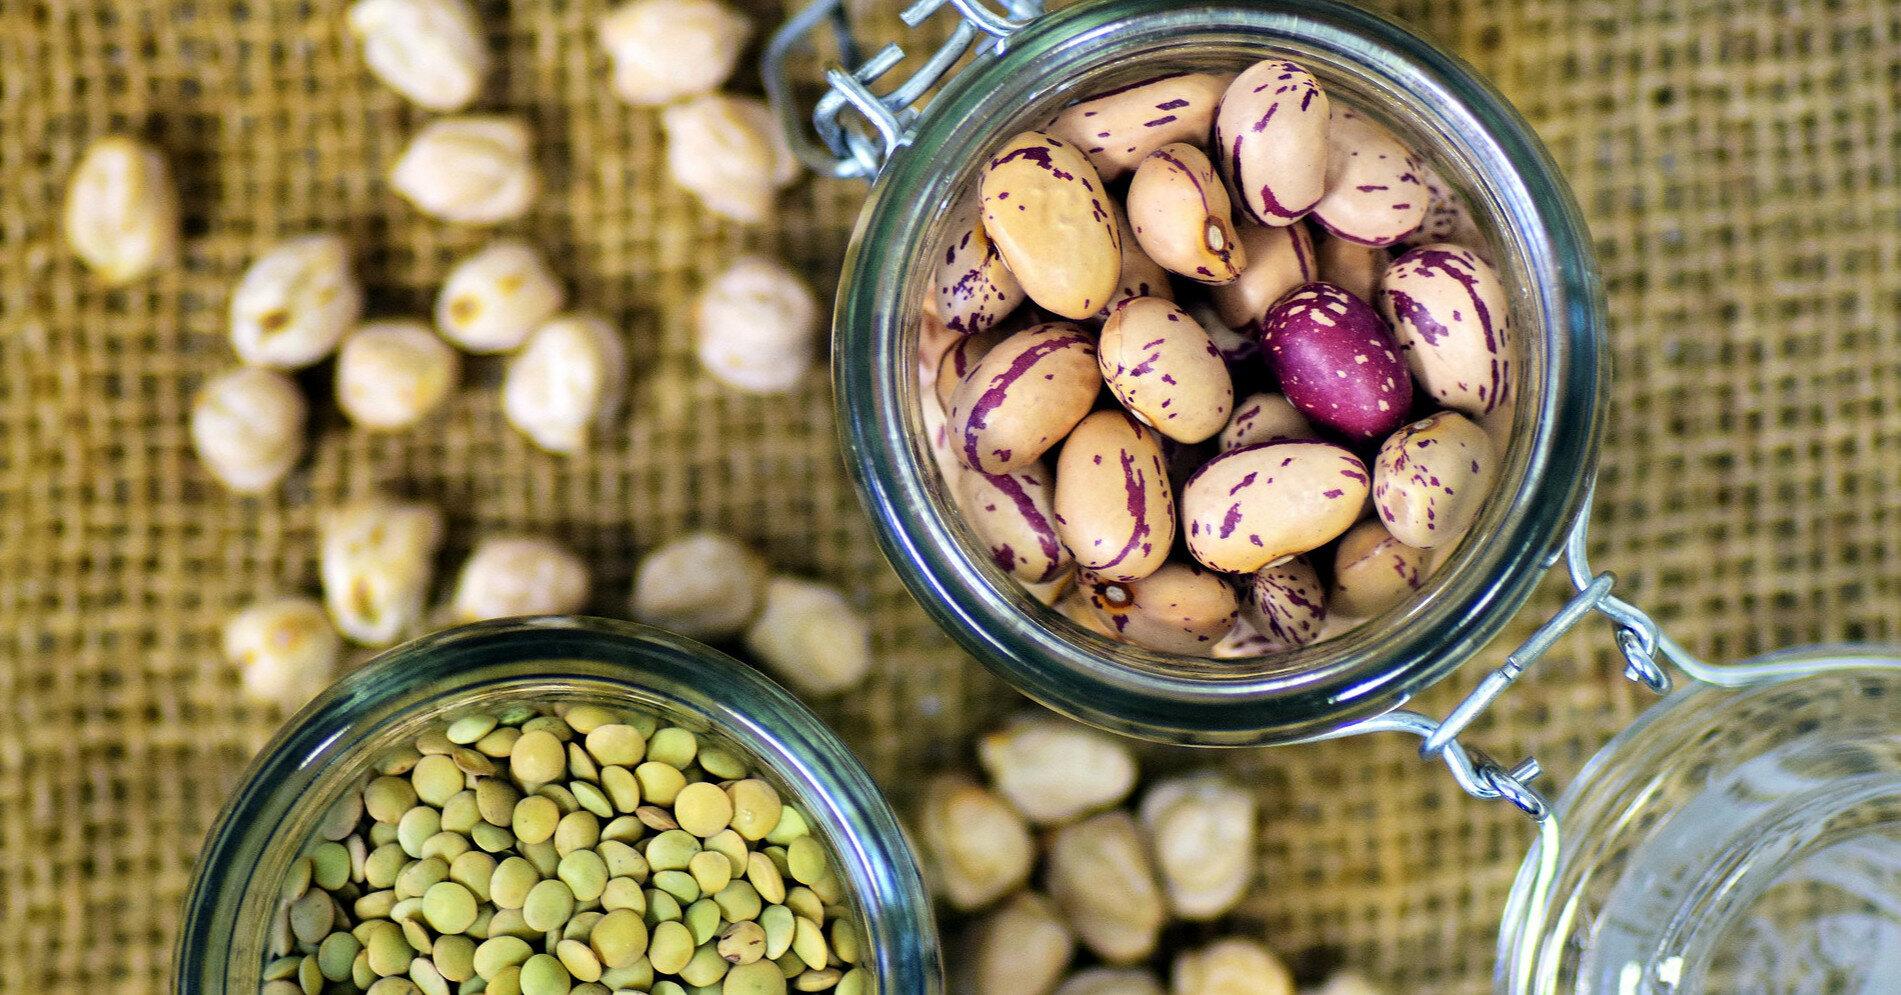 Бобы и овощи: причины добавить продукты с крахмалом в рацион